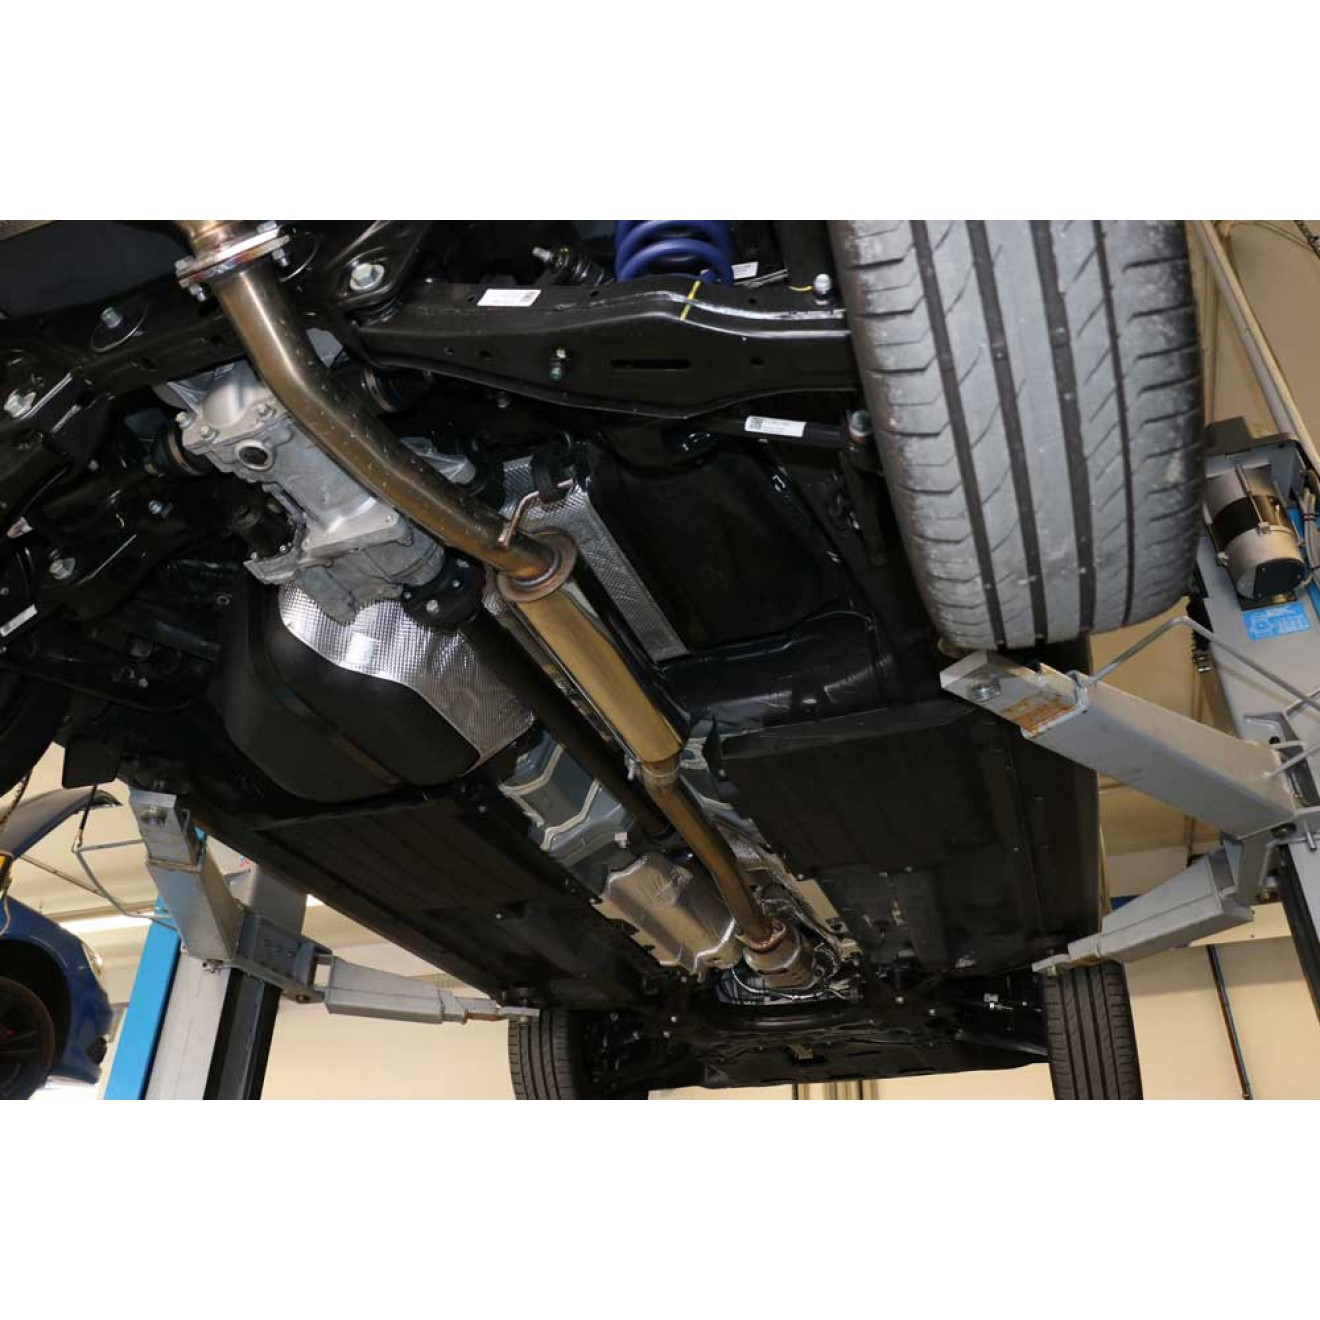 Fox Auspuff Vorschalldämpfer Schalldämpfer Hyundai Tucson 4x2 4x4 TLE 1.6, 2.0